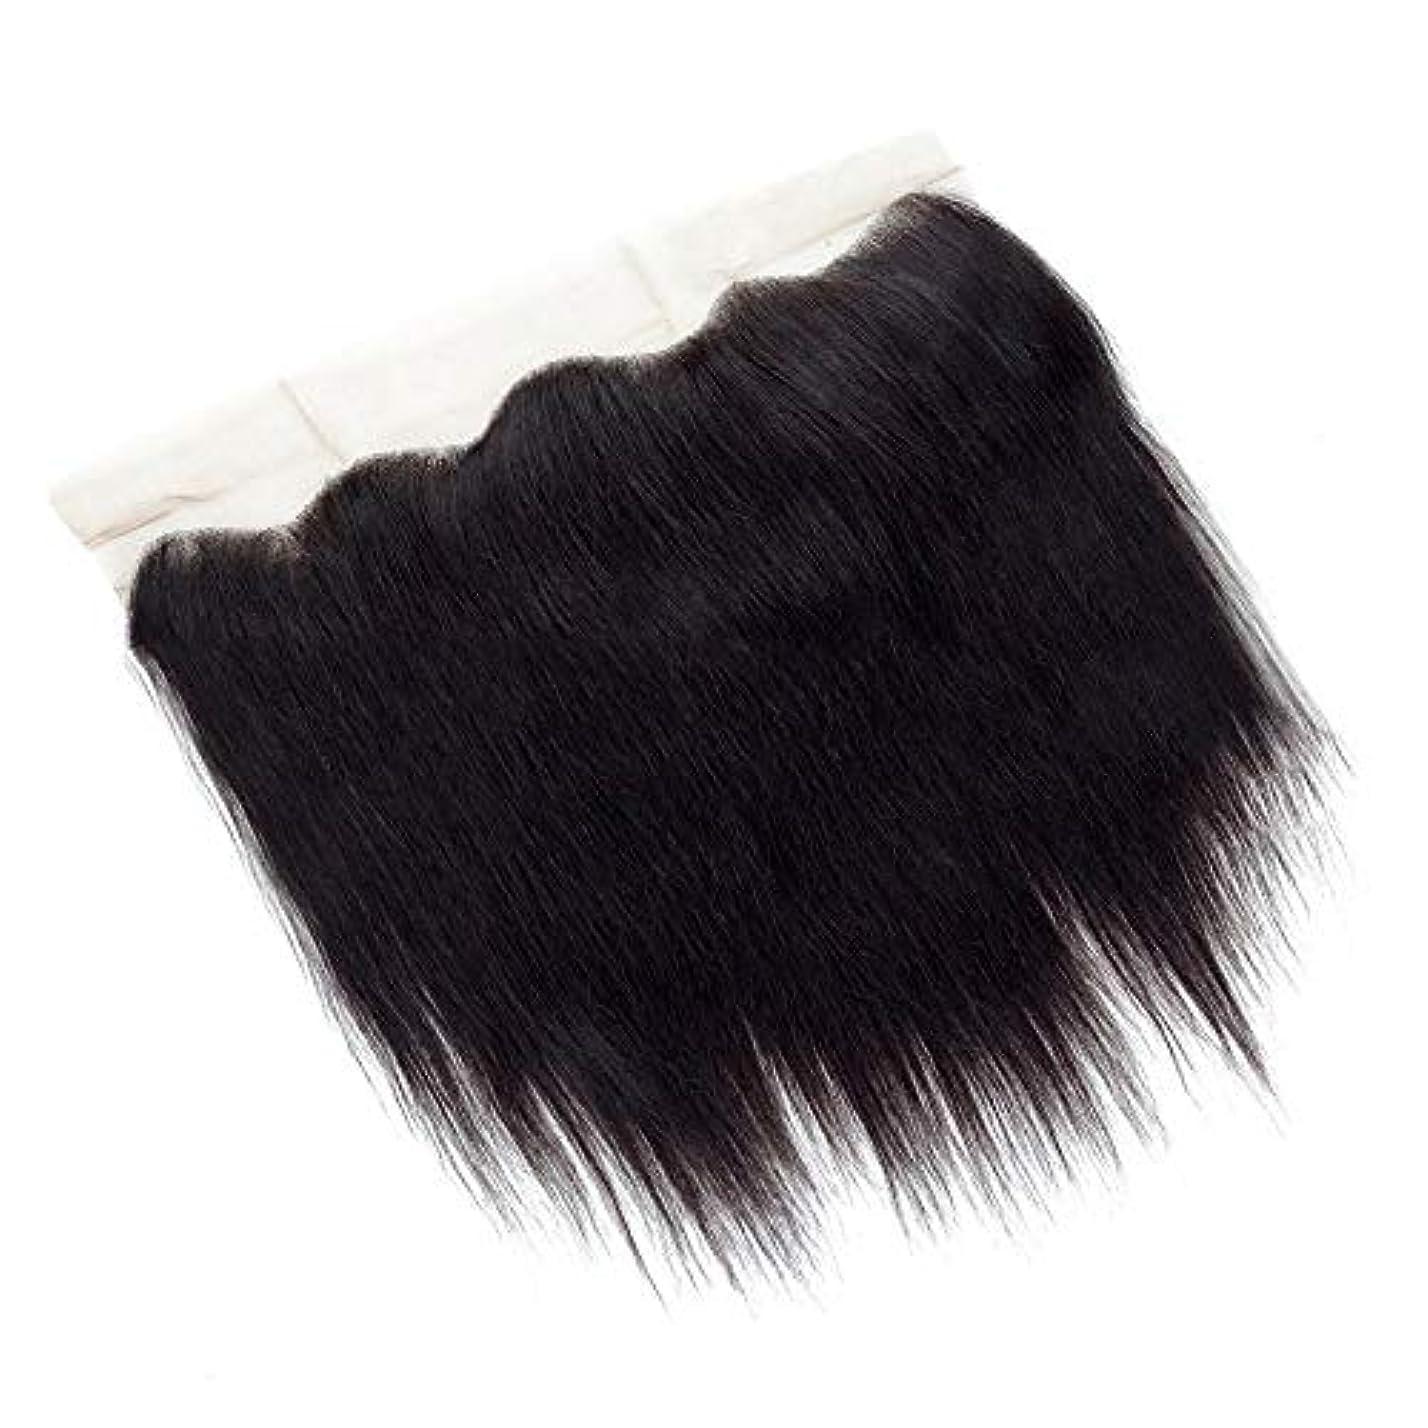 市長塊ウィスキーWASAIO ブラジルのレースの前頭閉鎖の人間の毛髪延長の自然な色 (サイズ : 20 inch)